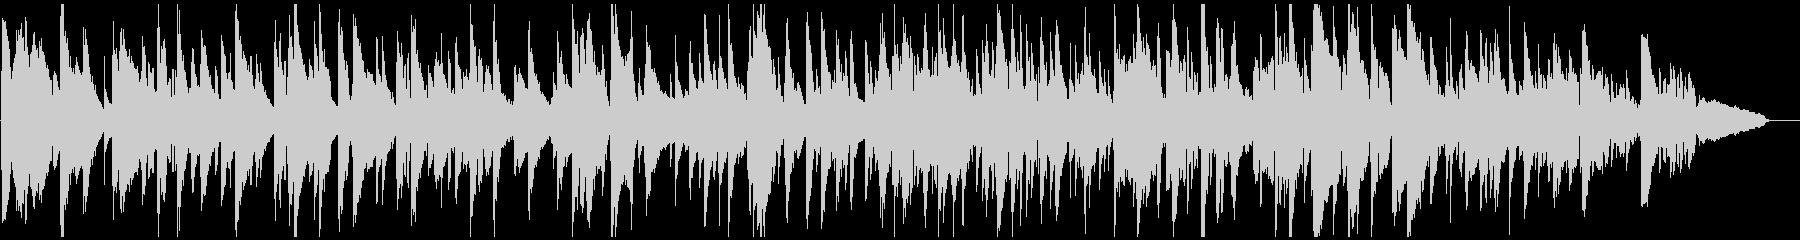 切ないテナーサックスのバラード、ラウンジの未再生の波形